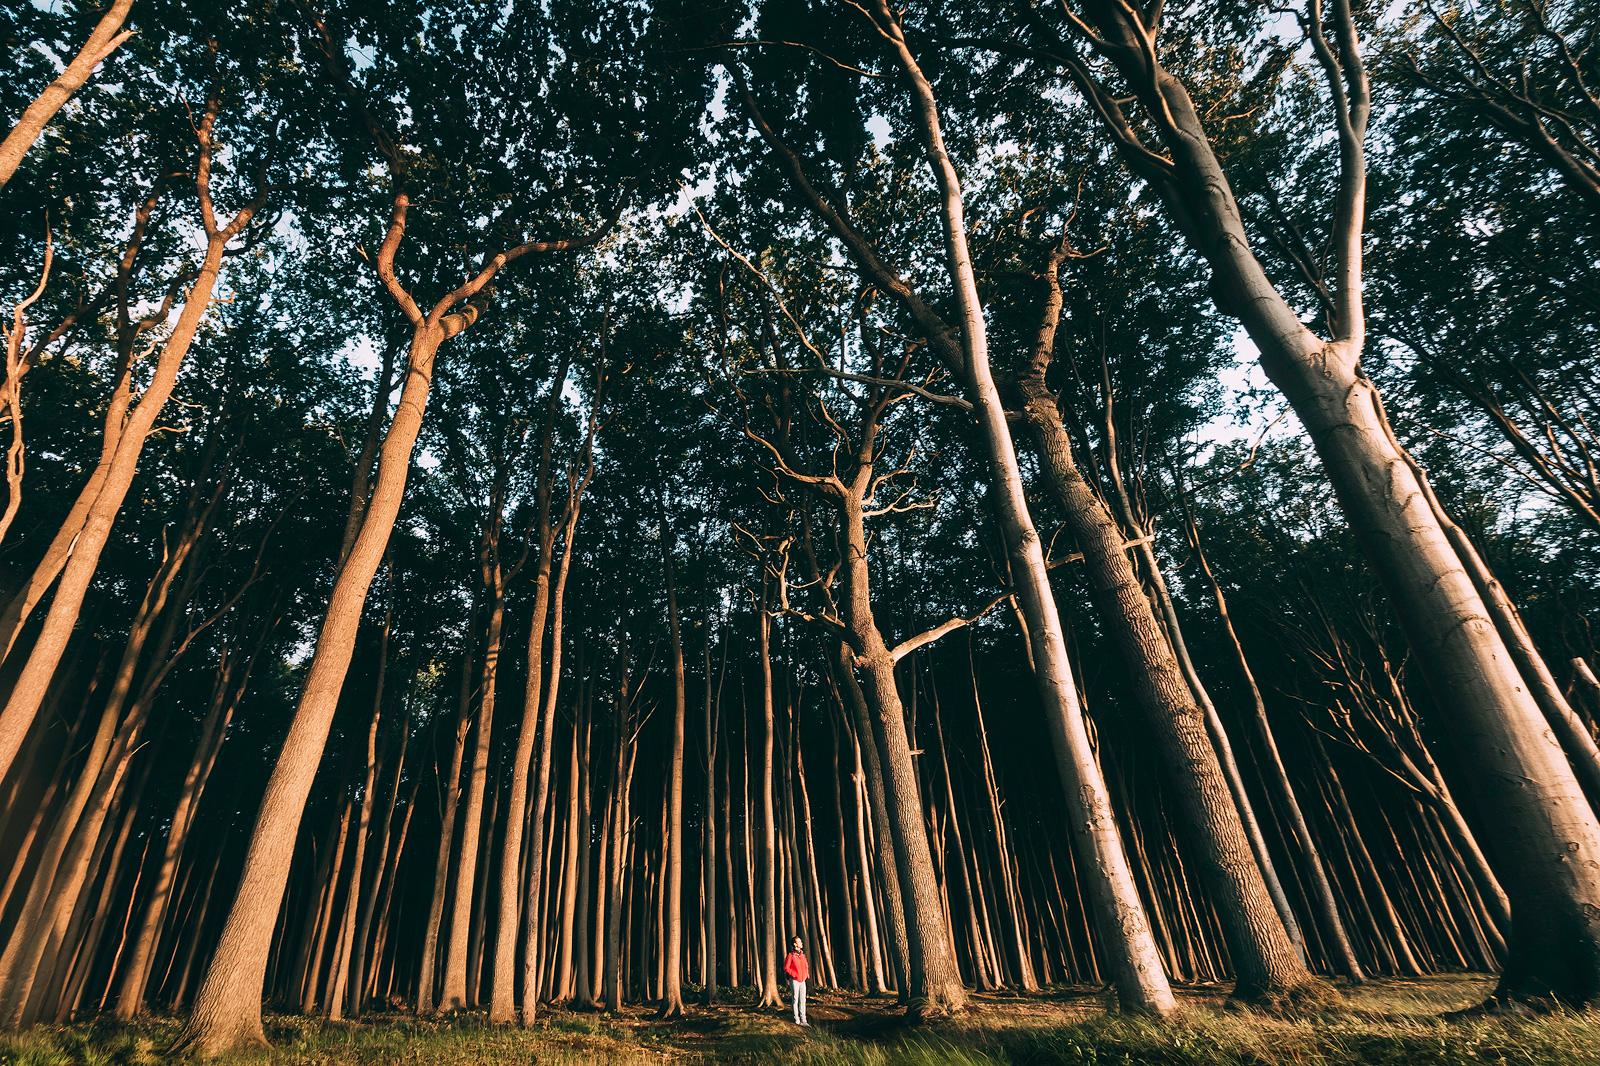 Fotospot Gespensterwald in Nienhage n an der Ostsee